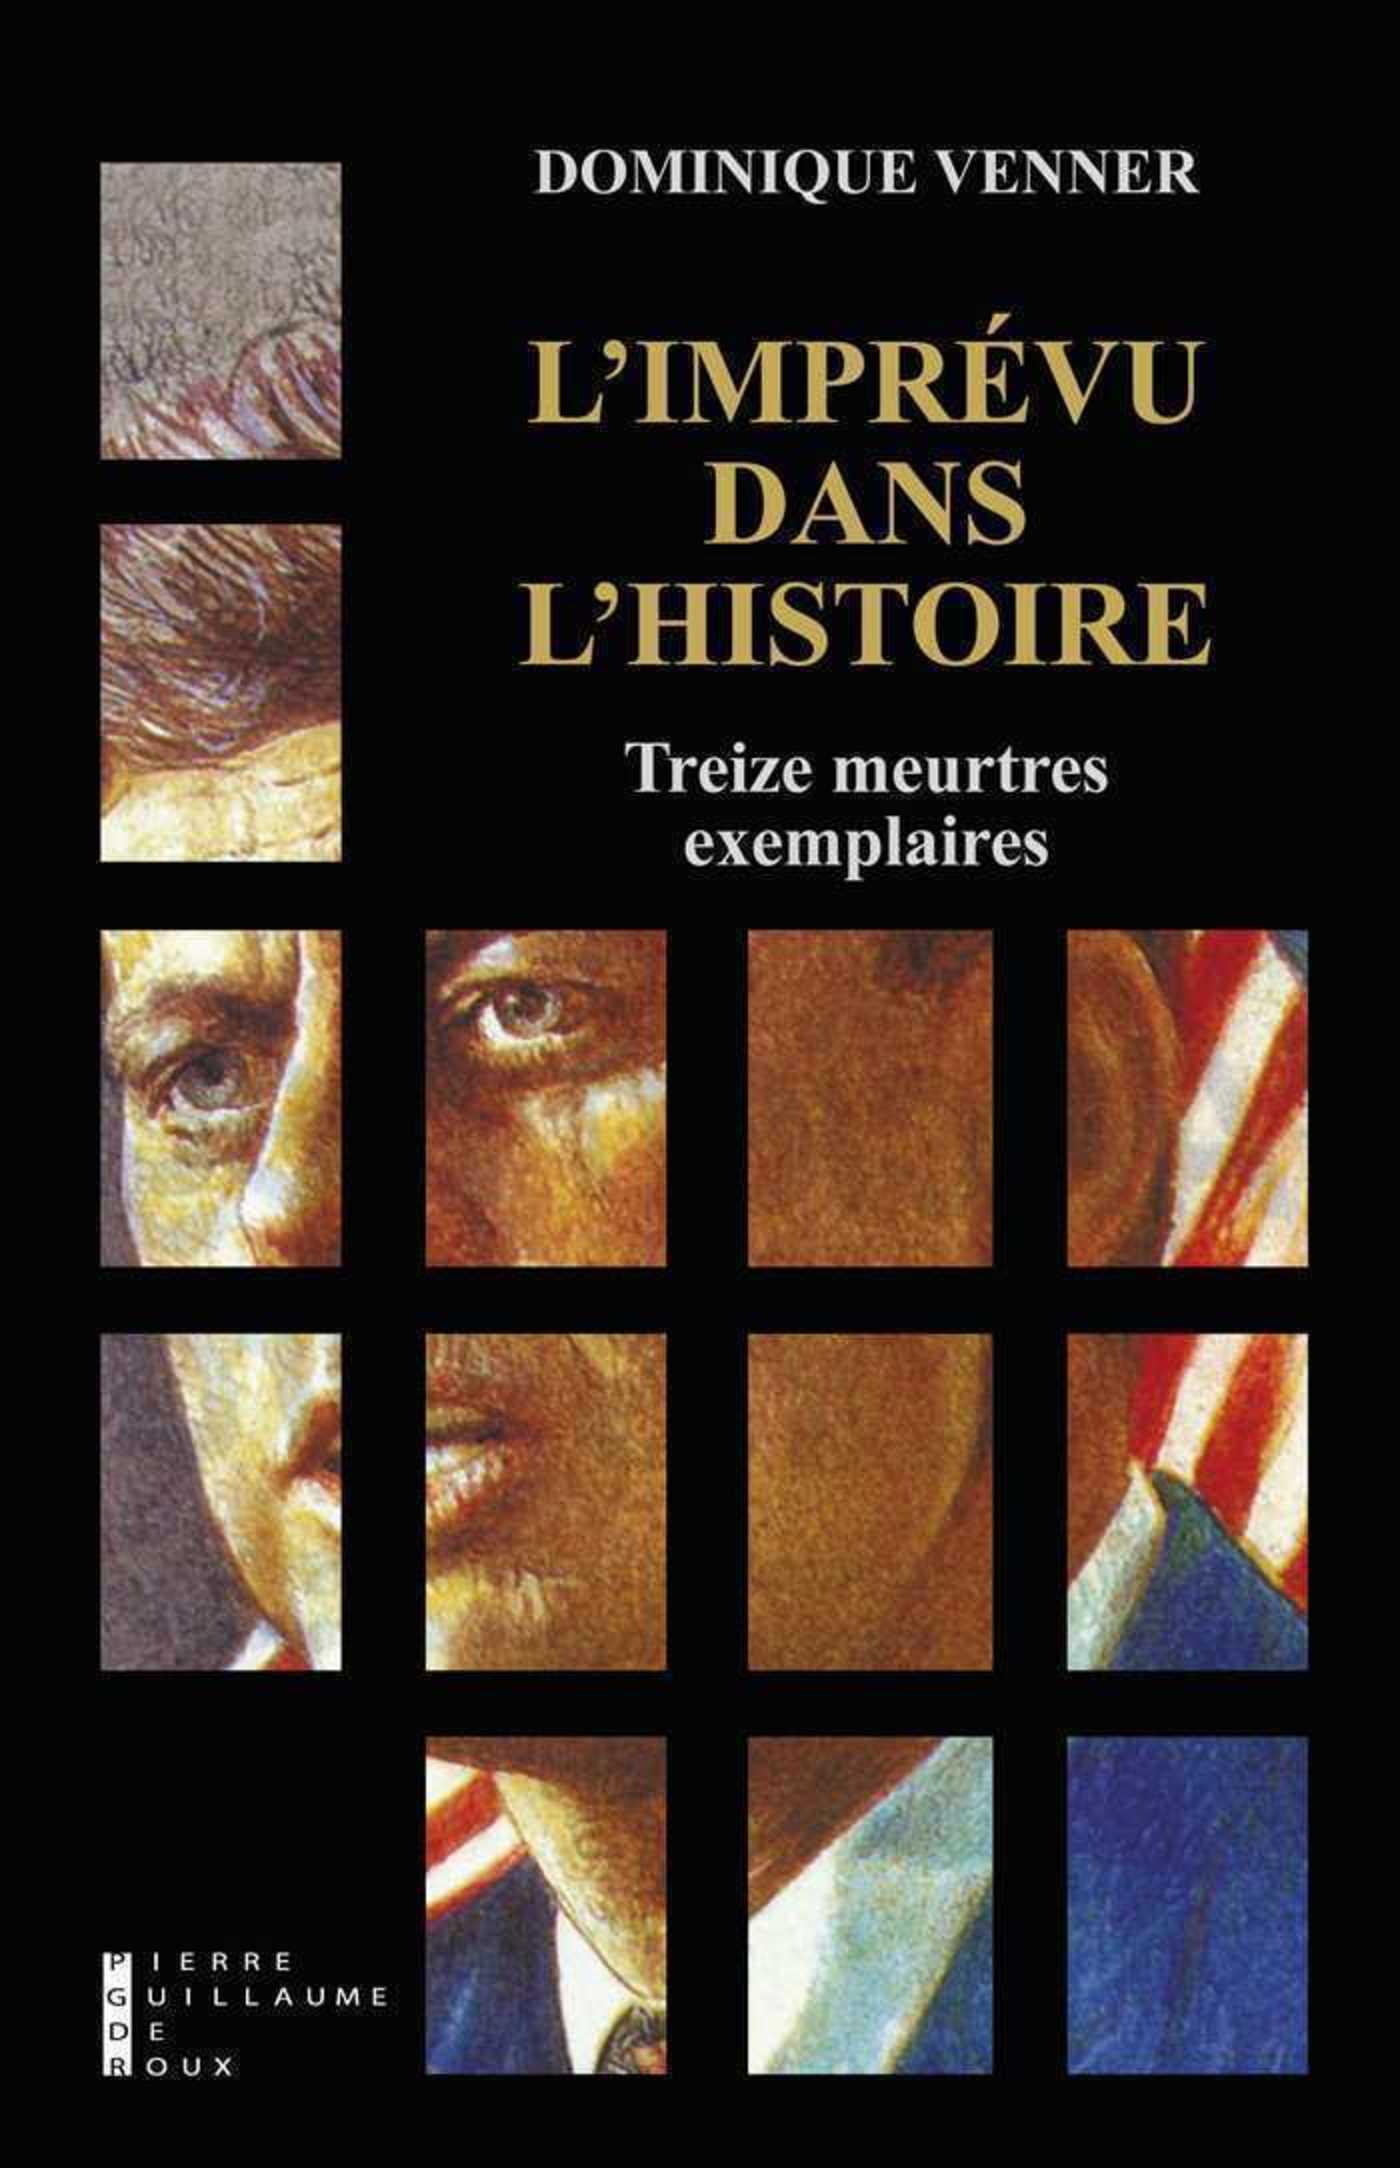 L'imprévu dans l'Histoire (ebook)